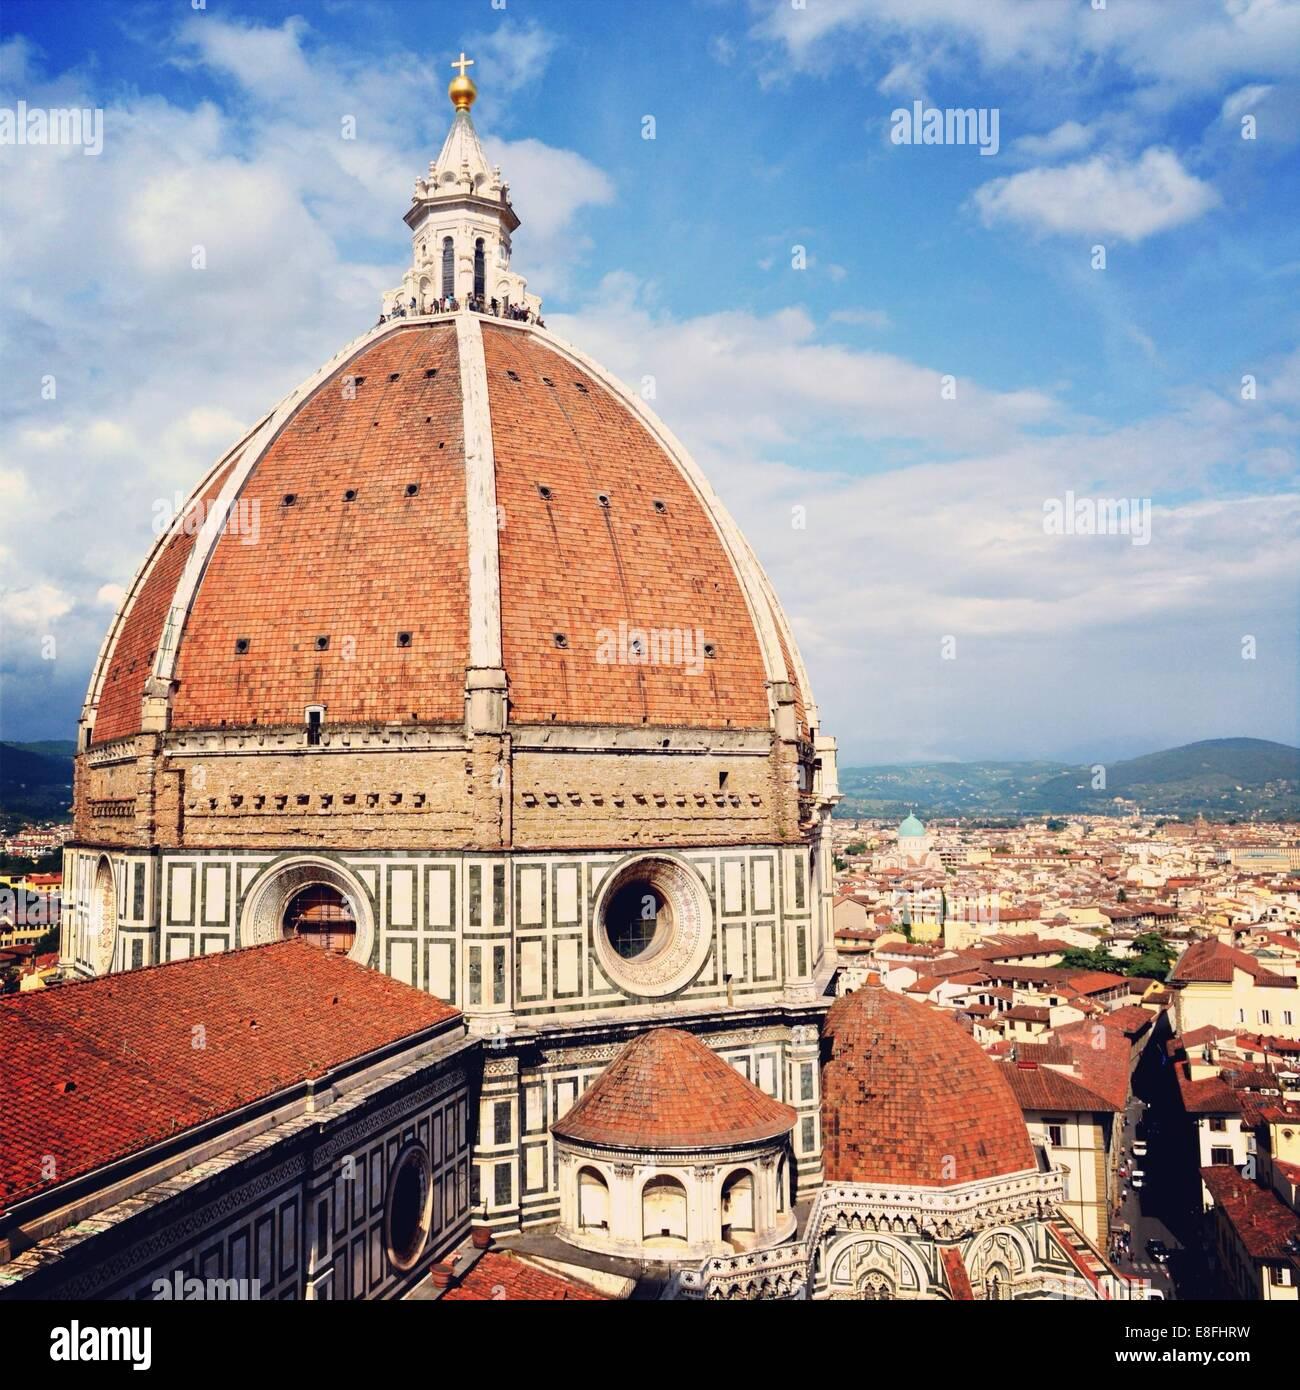 Italien, Toskana, Florenz, Kuppel der Kathedrale von Florenz Stockbild